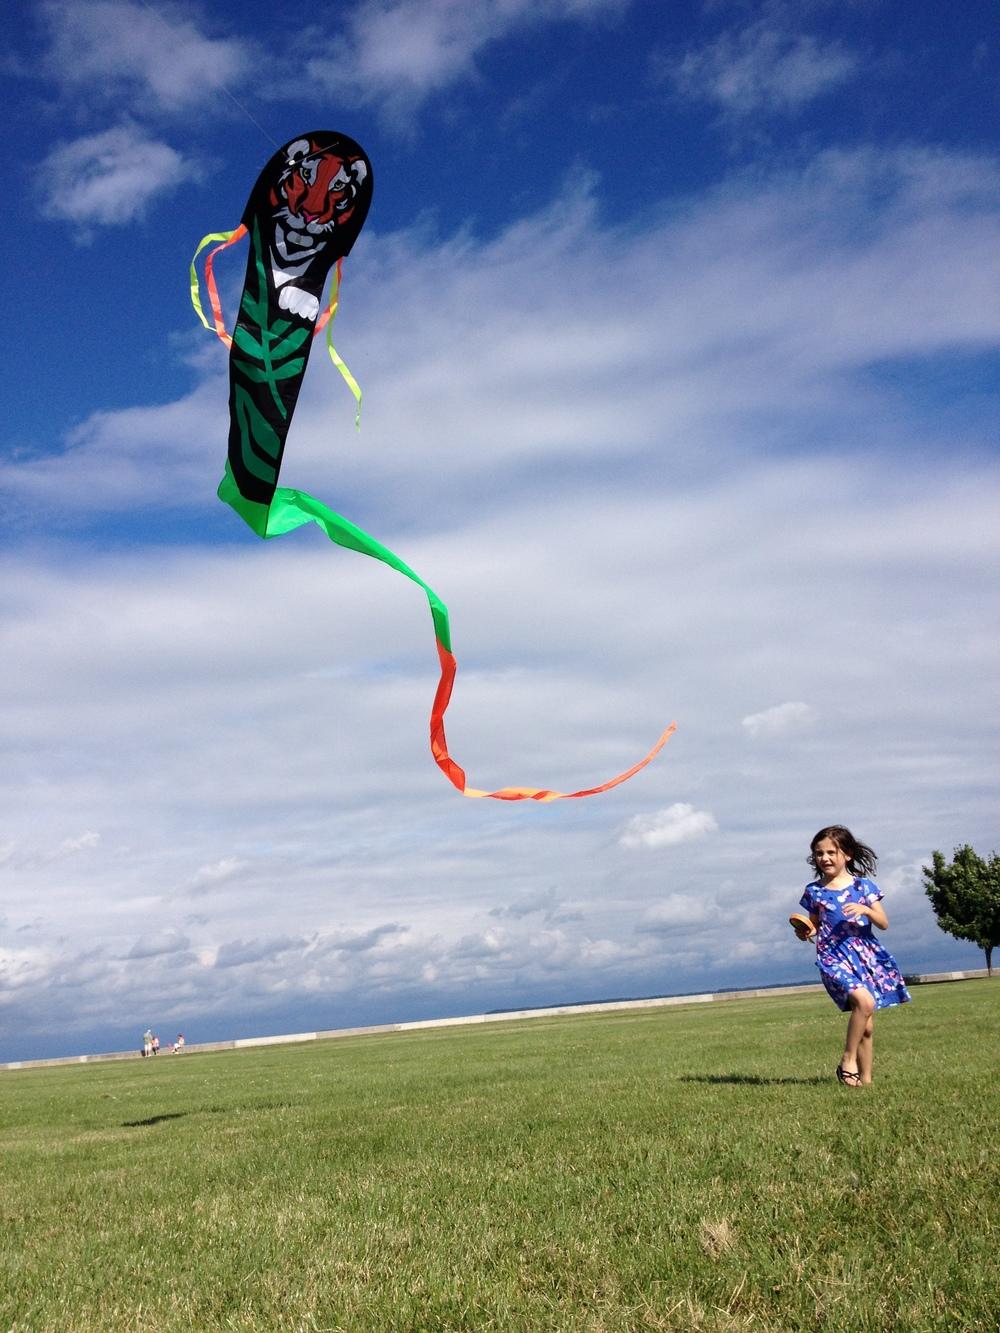 Kite_02_P-Hanchak.jpg